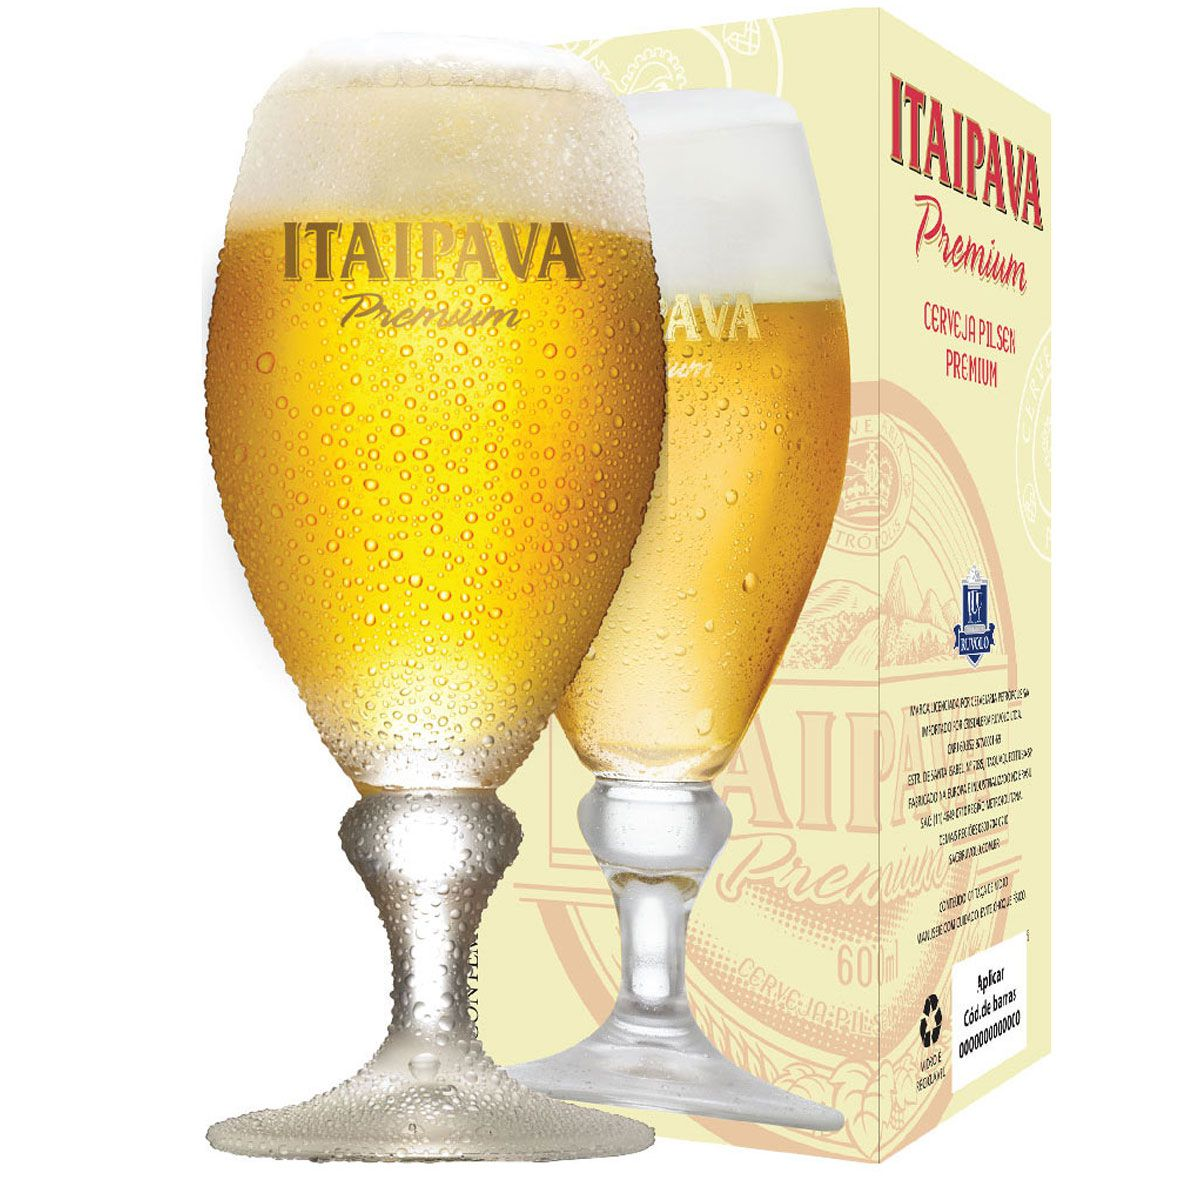 Taça Cerveja - Copo Cerveja Itaipava Premium 400ml C/ 2 Unid